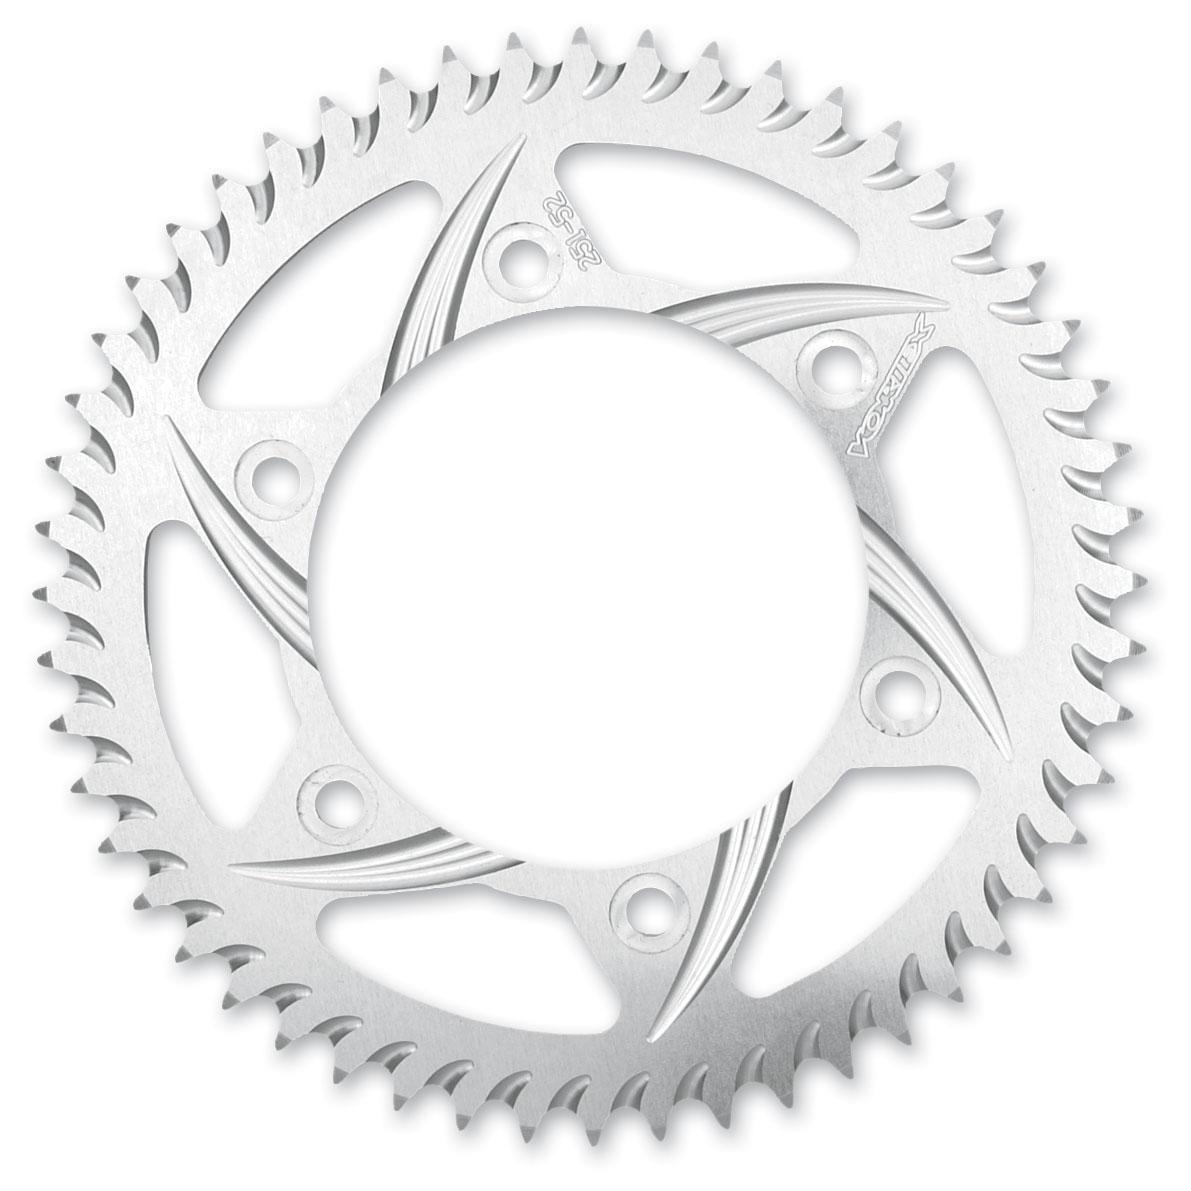 Vortex Rear Sprocket 520 Conversion 46T Silver